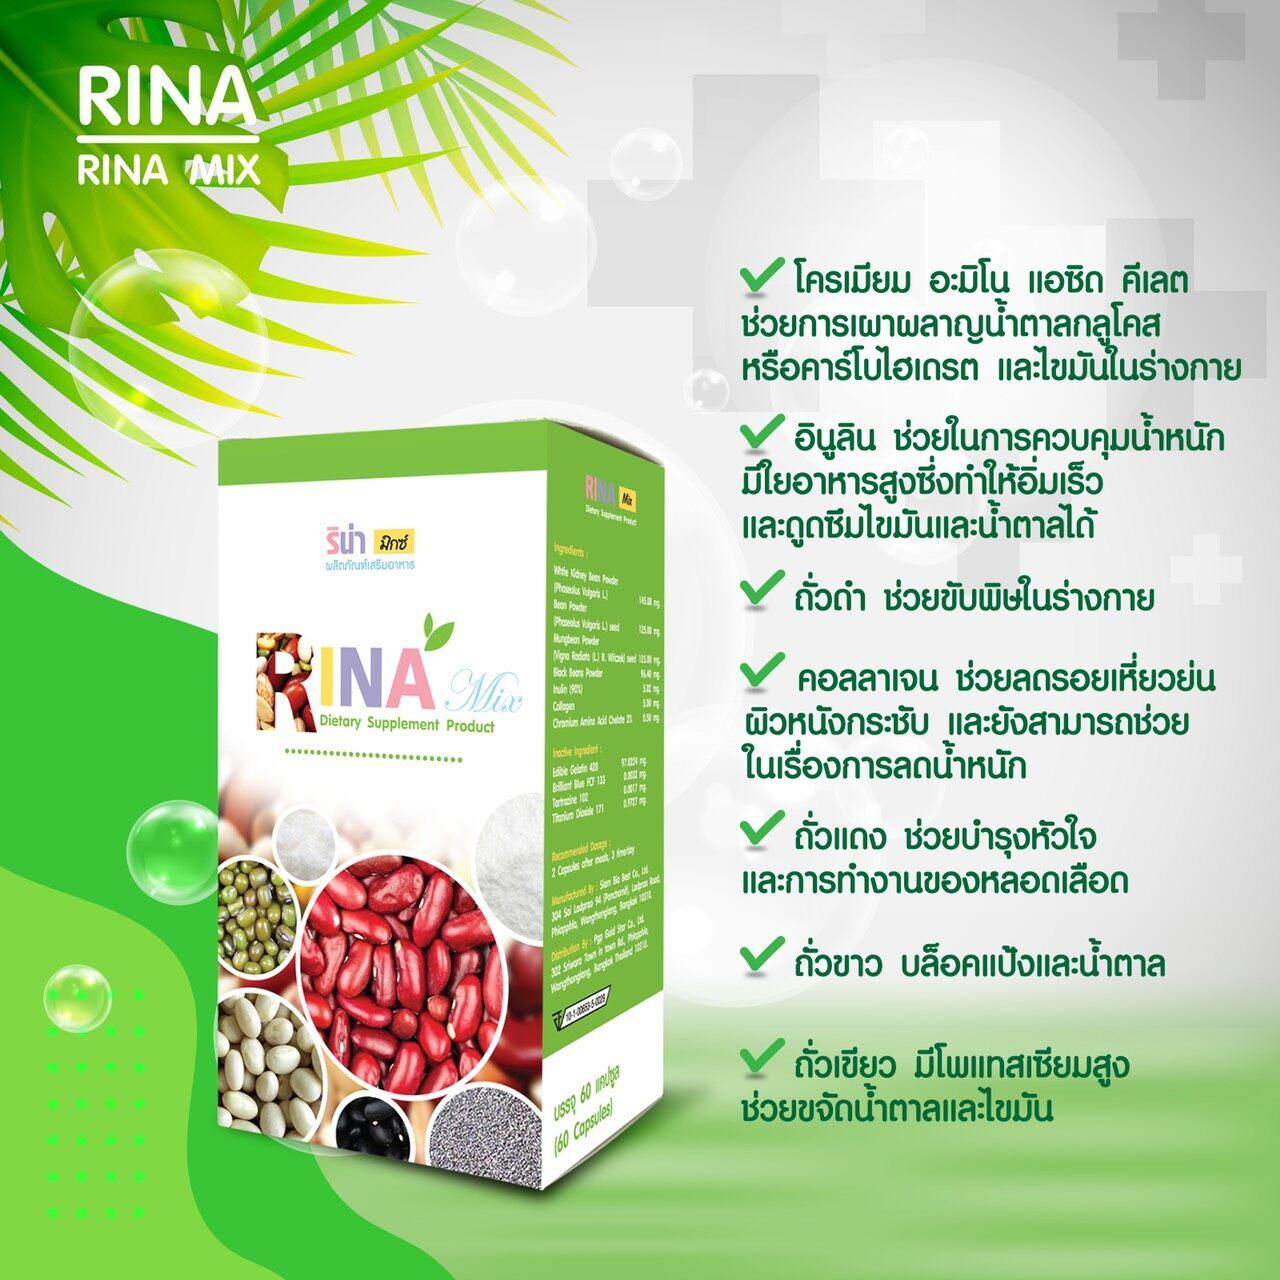 ของแท้100%Rina Mix รีน่ามิกซ์ โปรตีนลดน้ำหนัก สกัดจากธัญพืช 60แคปซูล